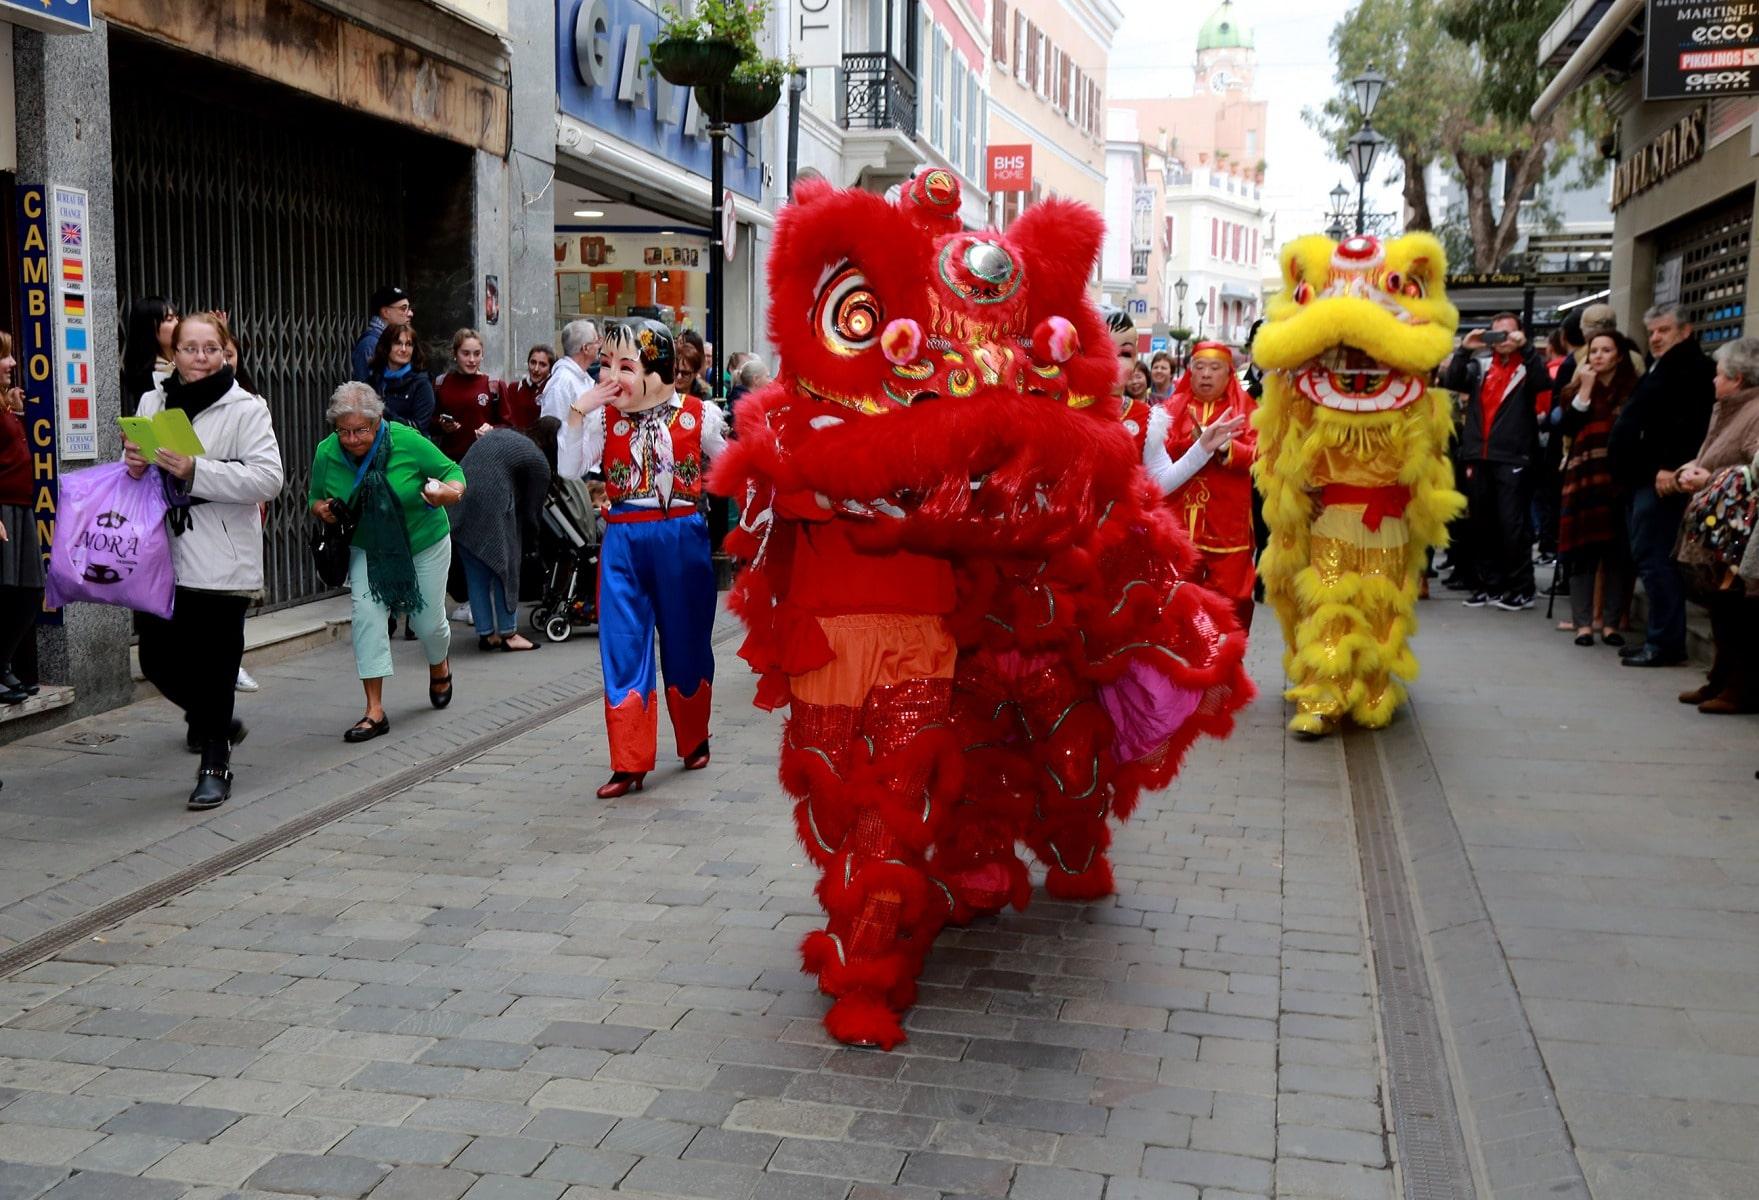 10-feb-2016-celebracin-en-gibraltar-del-ao-nuevo-chino-19_24914819406_o